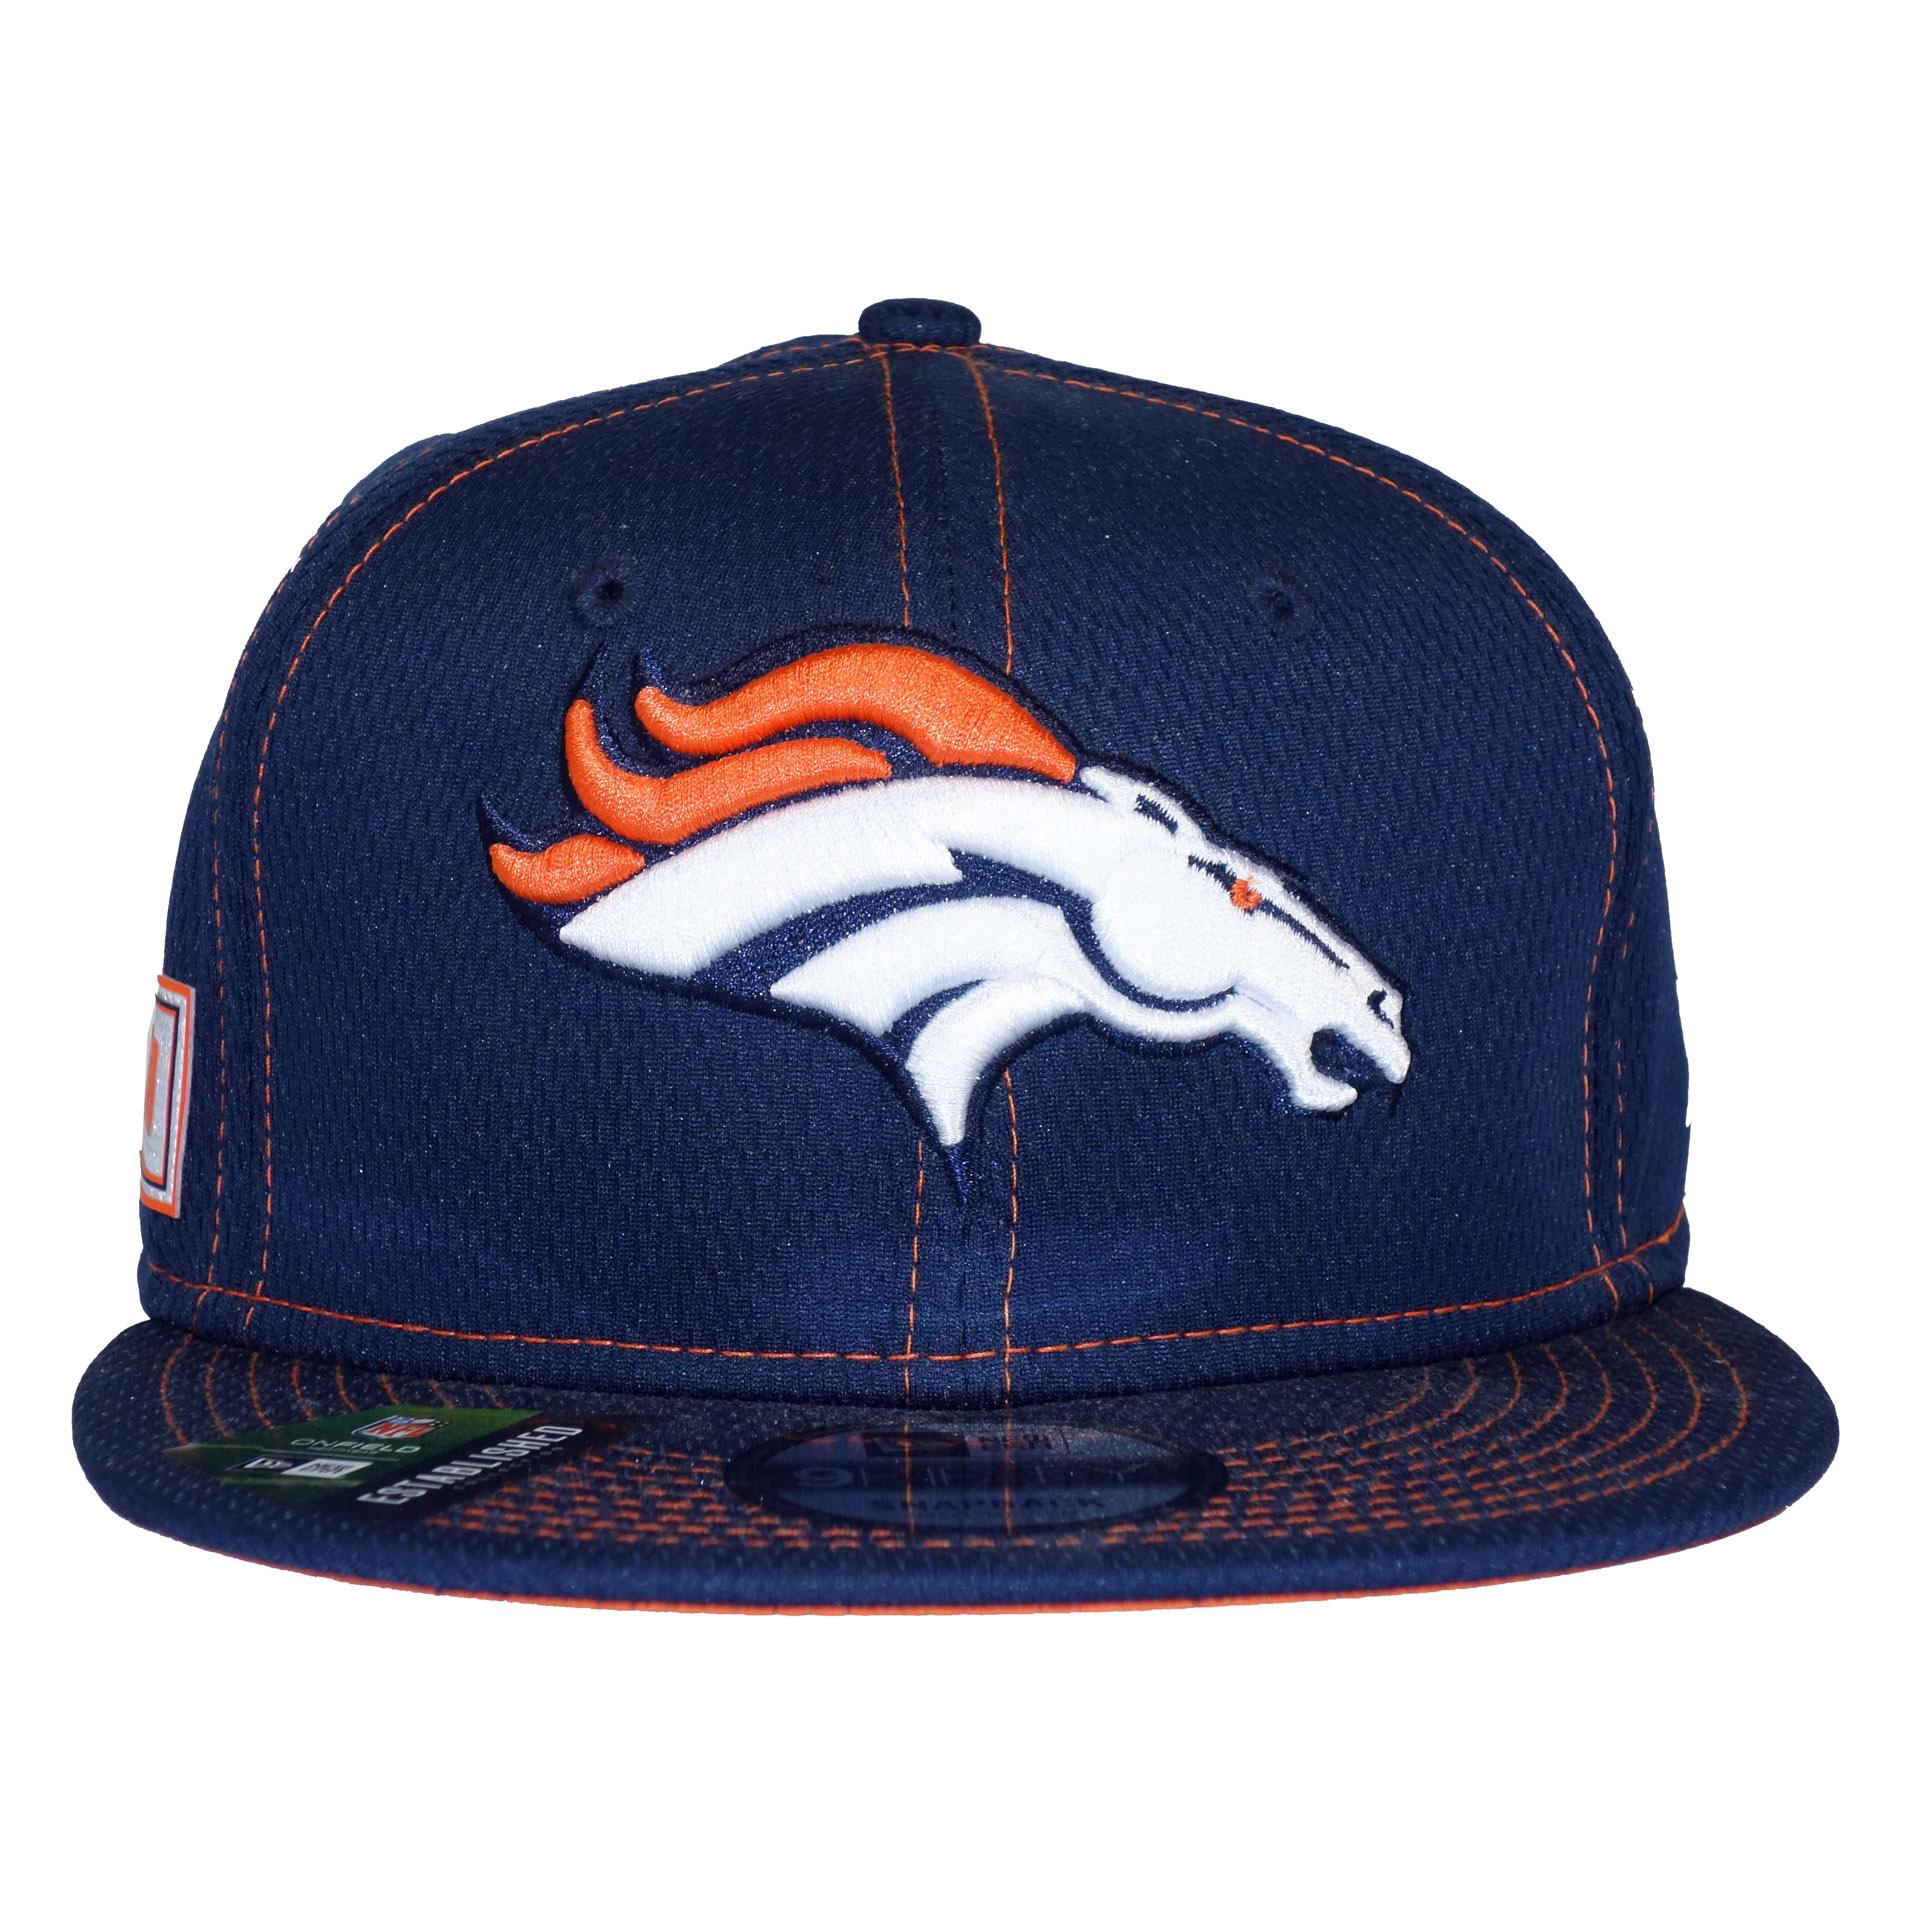 NFL New Era Cap Denver Broncos